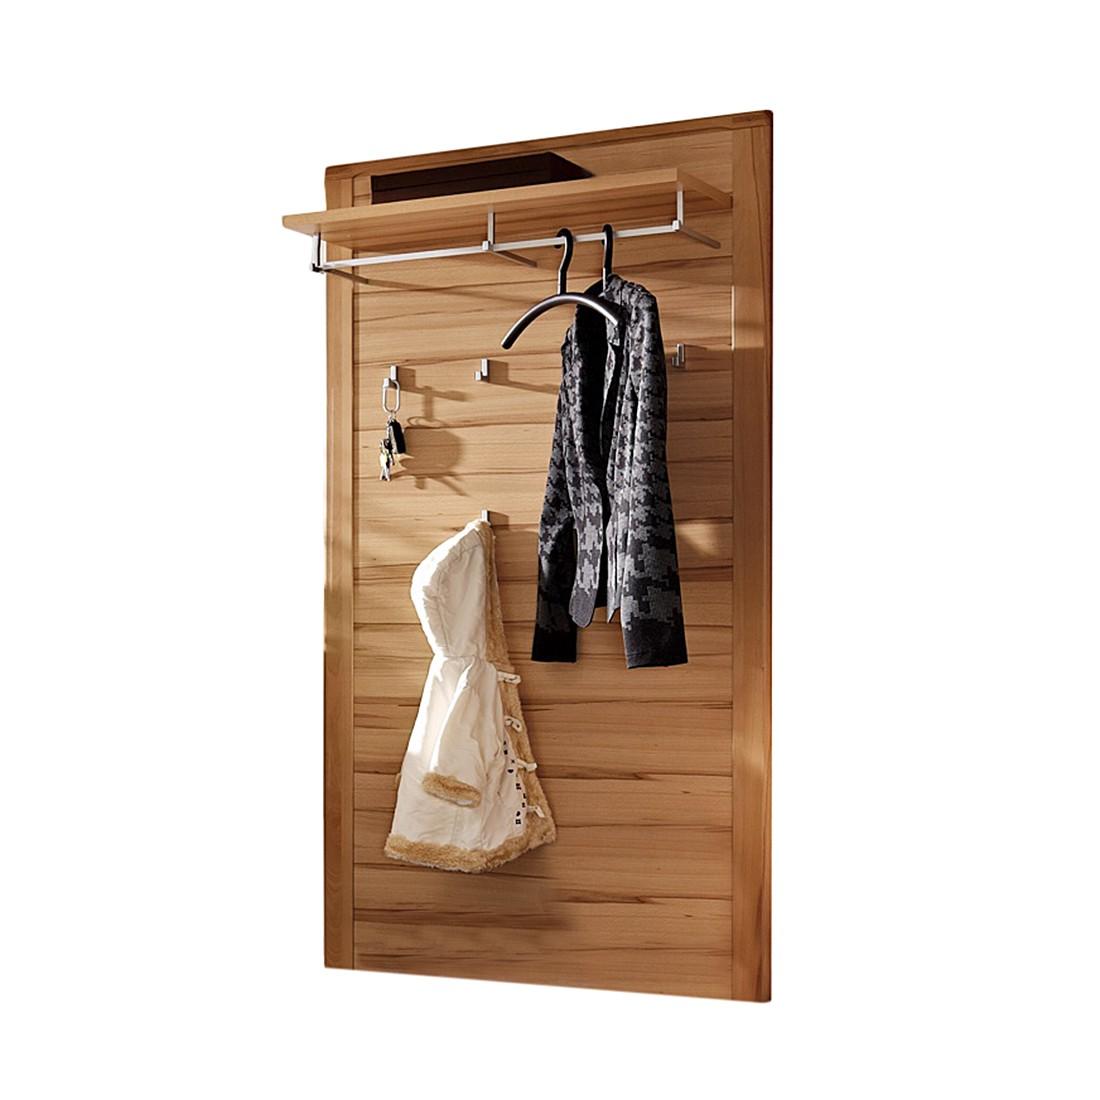 Haushalt online g nstig kaufen ber shop24 for Garderobenpaneel shop